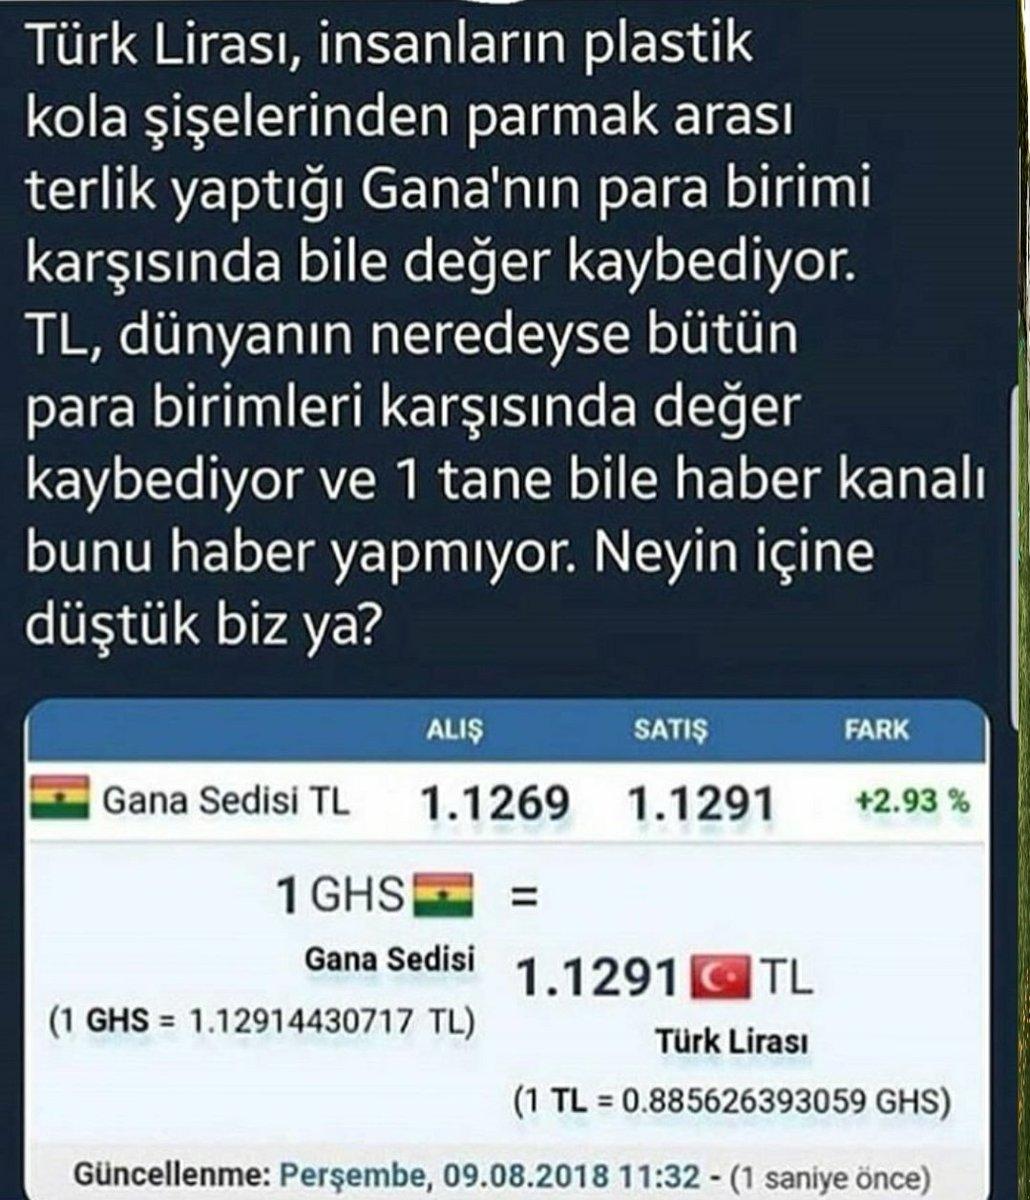 AK Partili Bostancı: Dolar şimdi çılgın bir partide kendinden geçme hali içinde 67